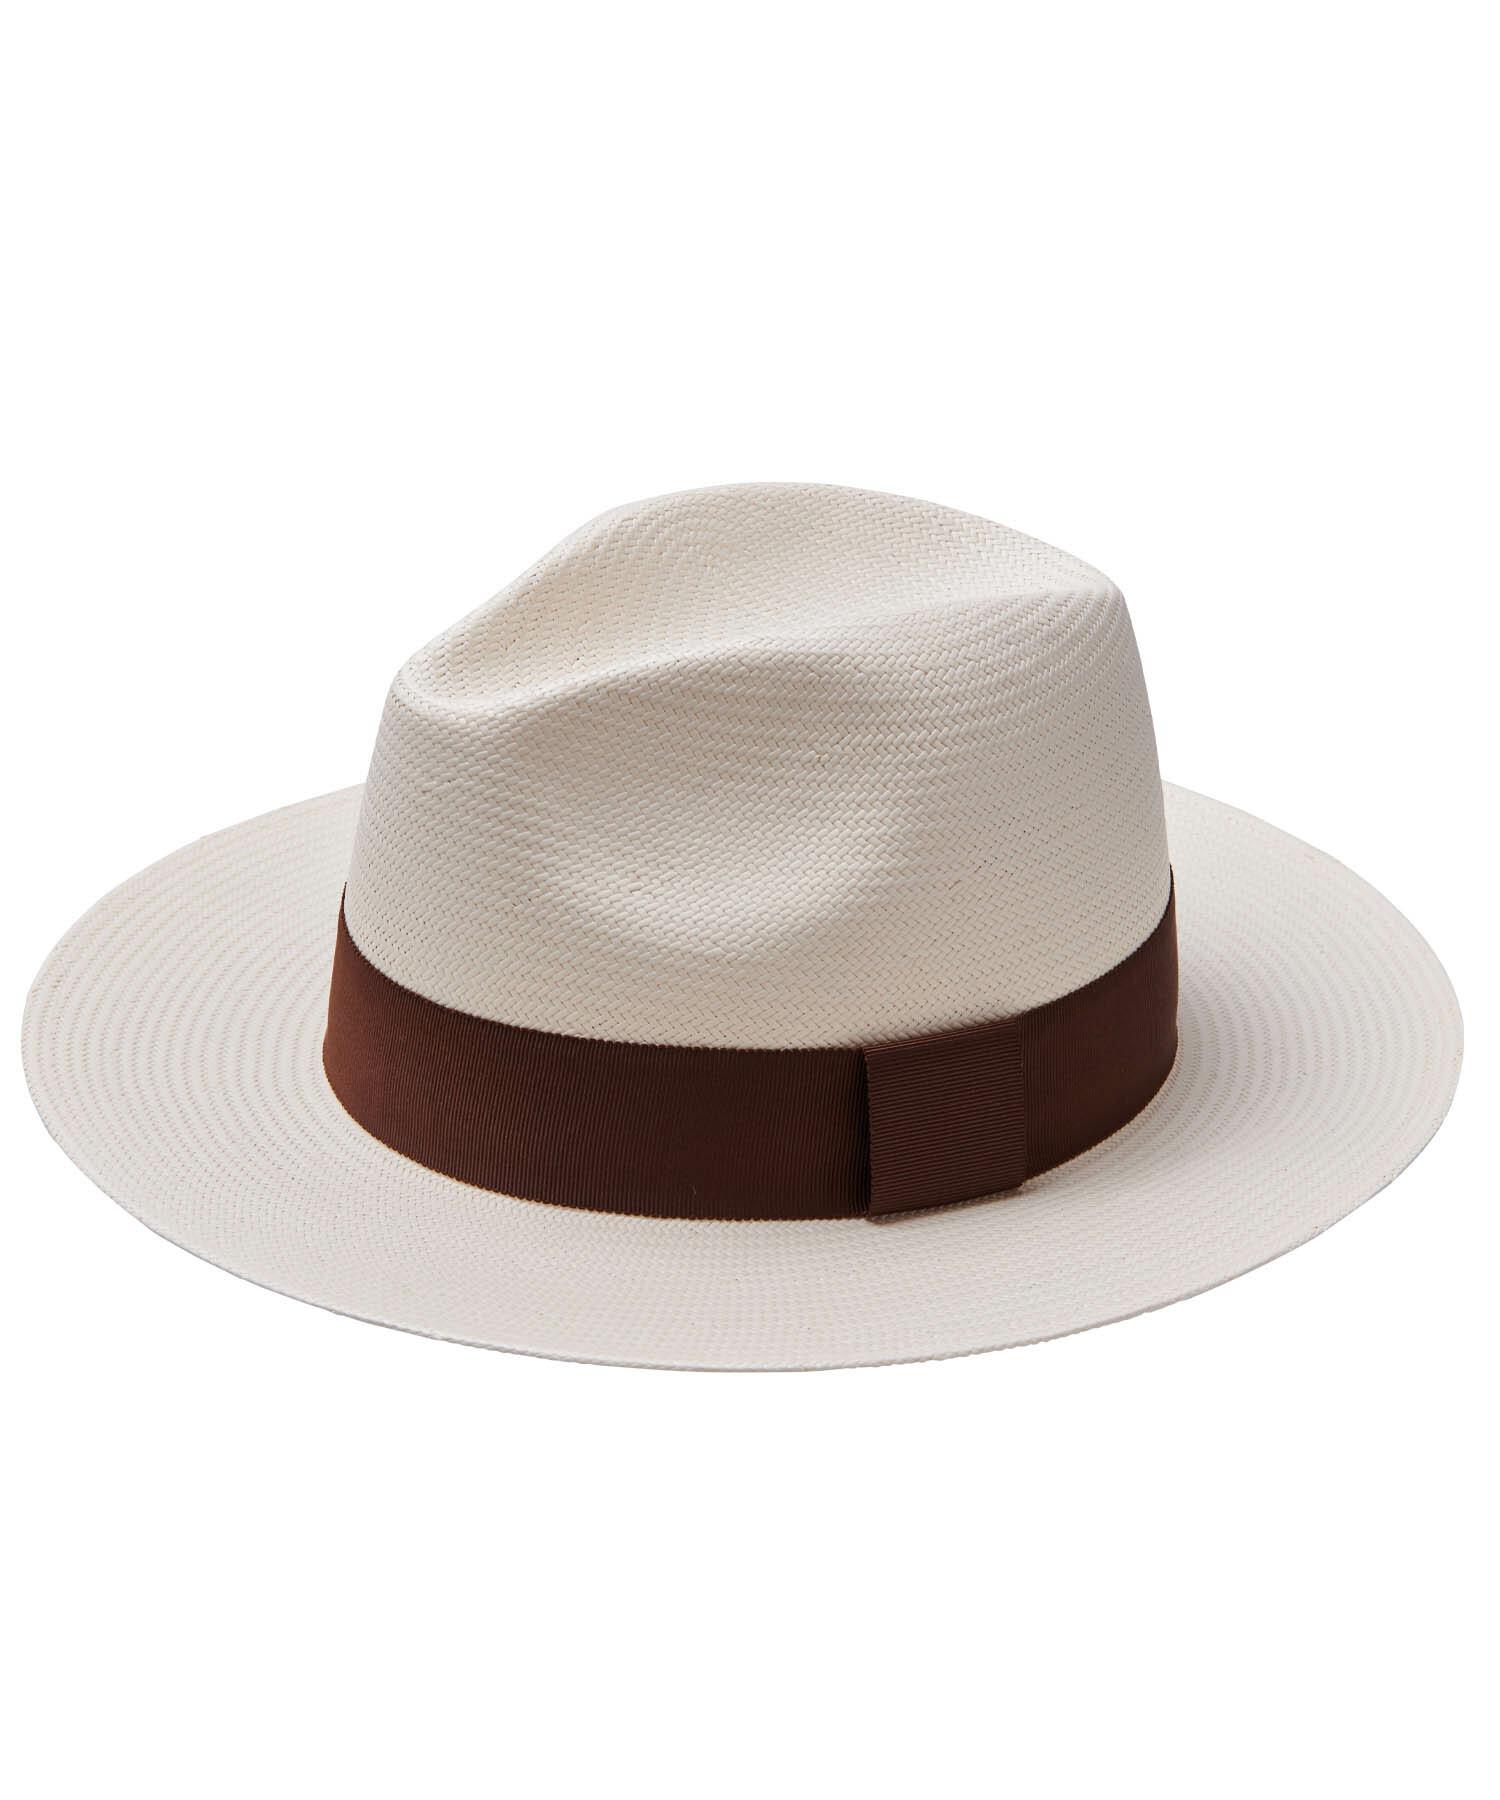 LONG BRIM PAPER HAT[RUH001]